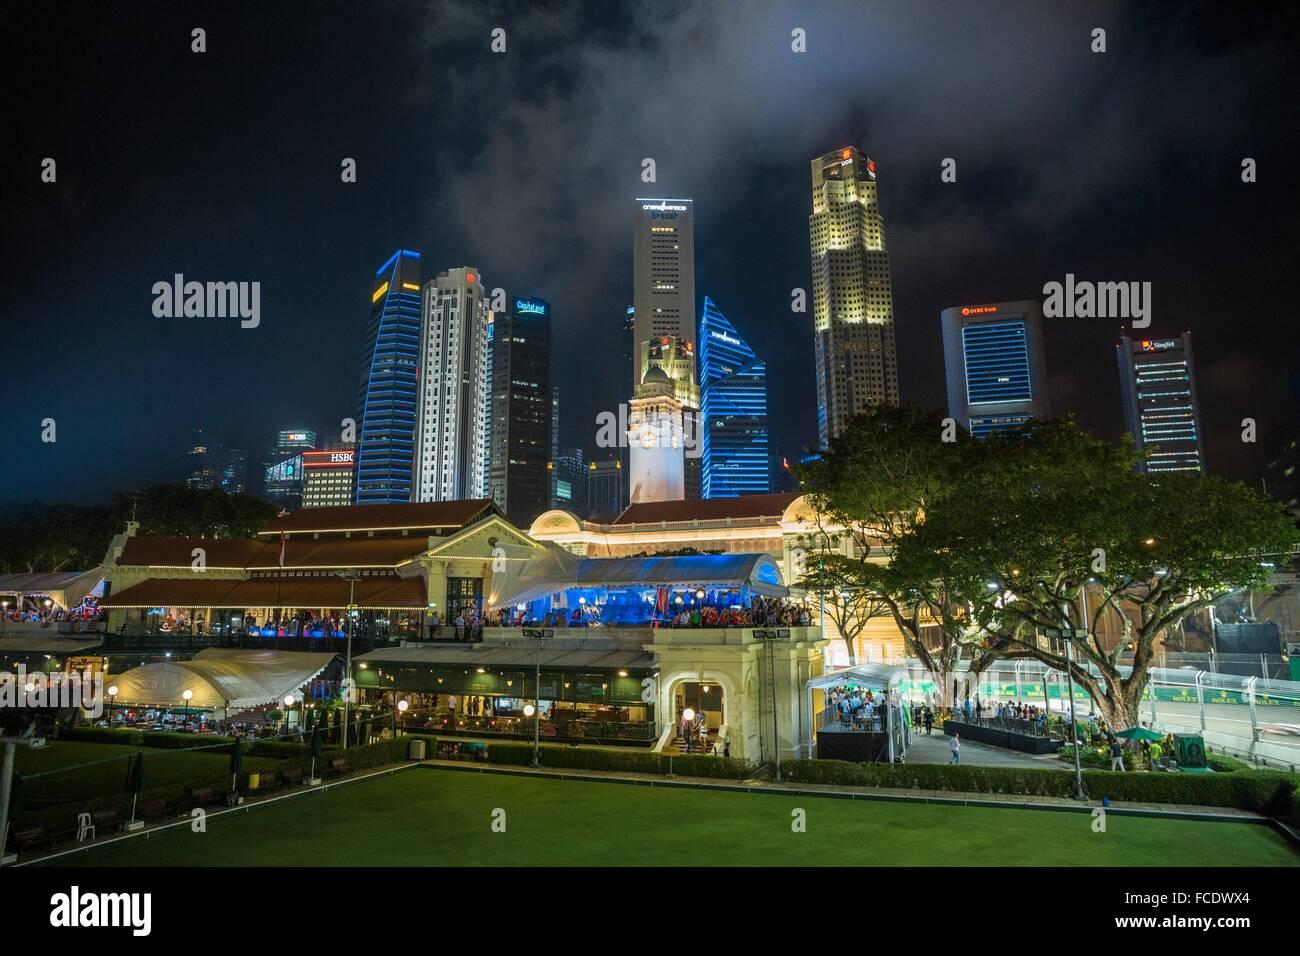 Circuito Callejero De Marina Bay : Grand prix de fórmula uno de singapur en marina bay street circuit